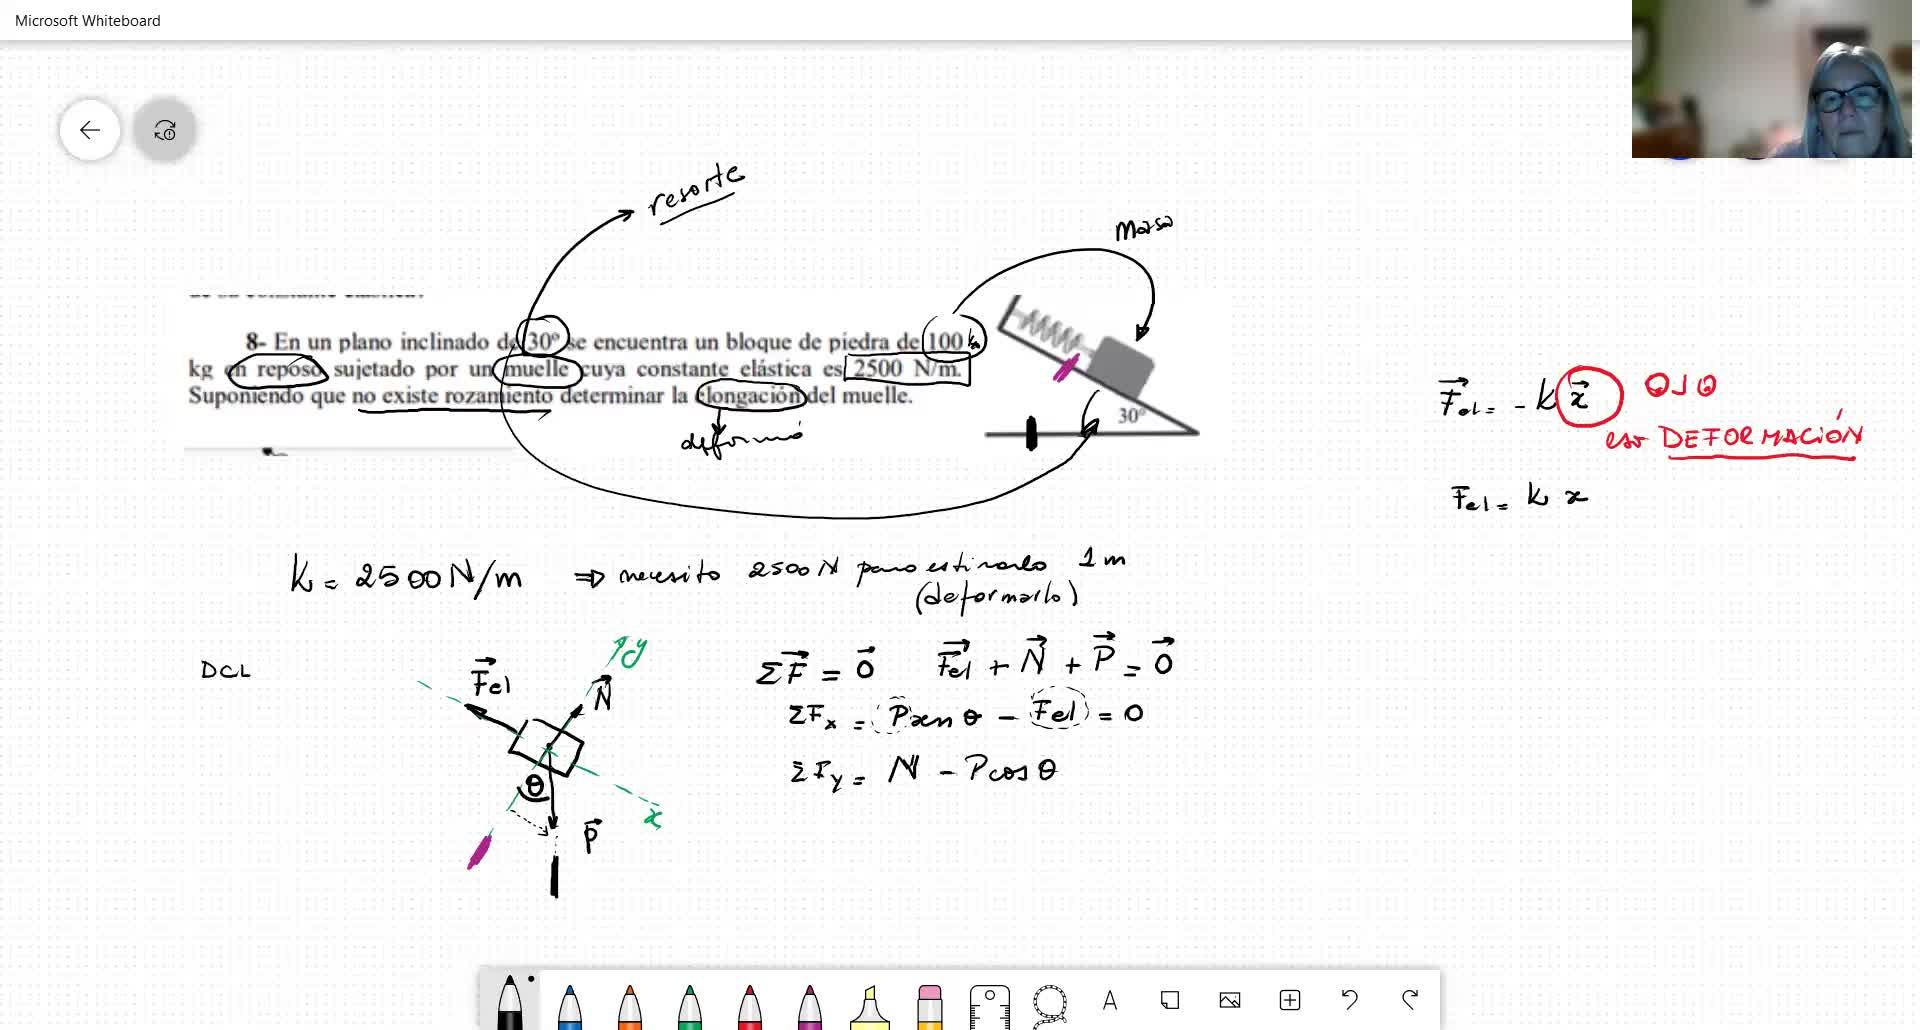 F1-M3_Dinámica-ejemplo fuerza elástica y sistema ligado con fricción